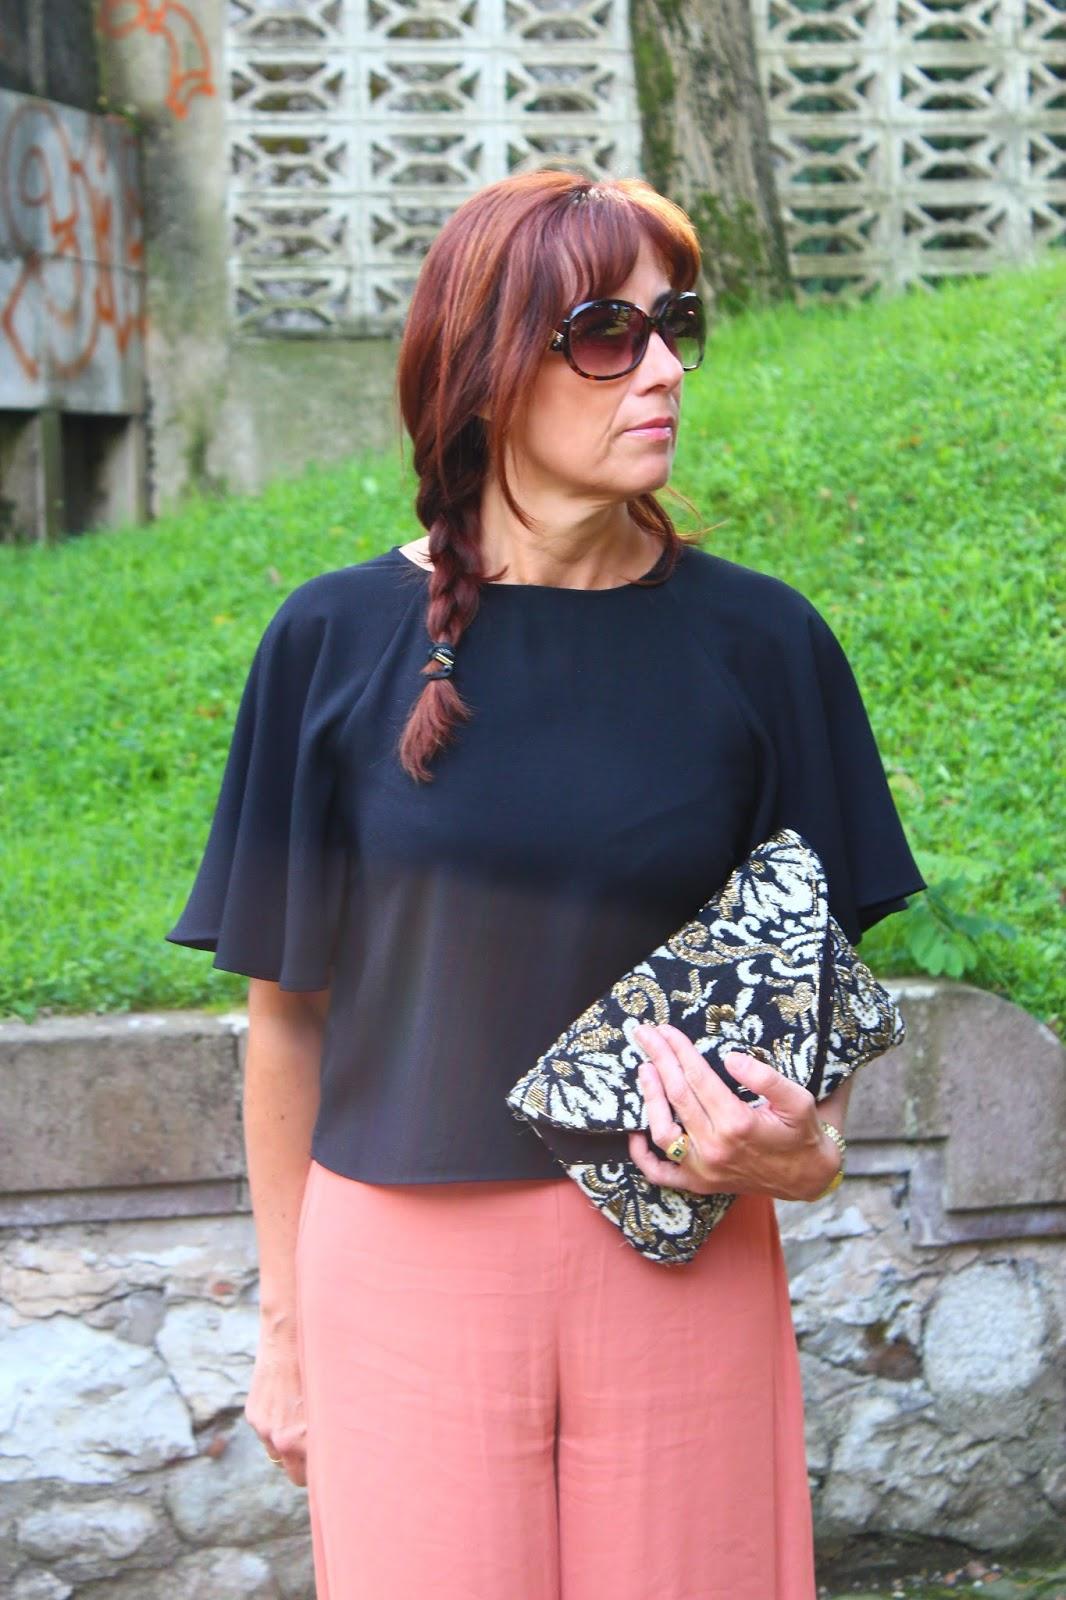 Br jula de estilo mis looks negro y caldera - Brujula de estilo ...